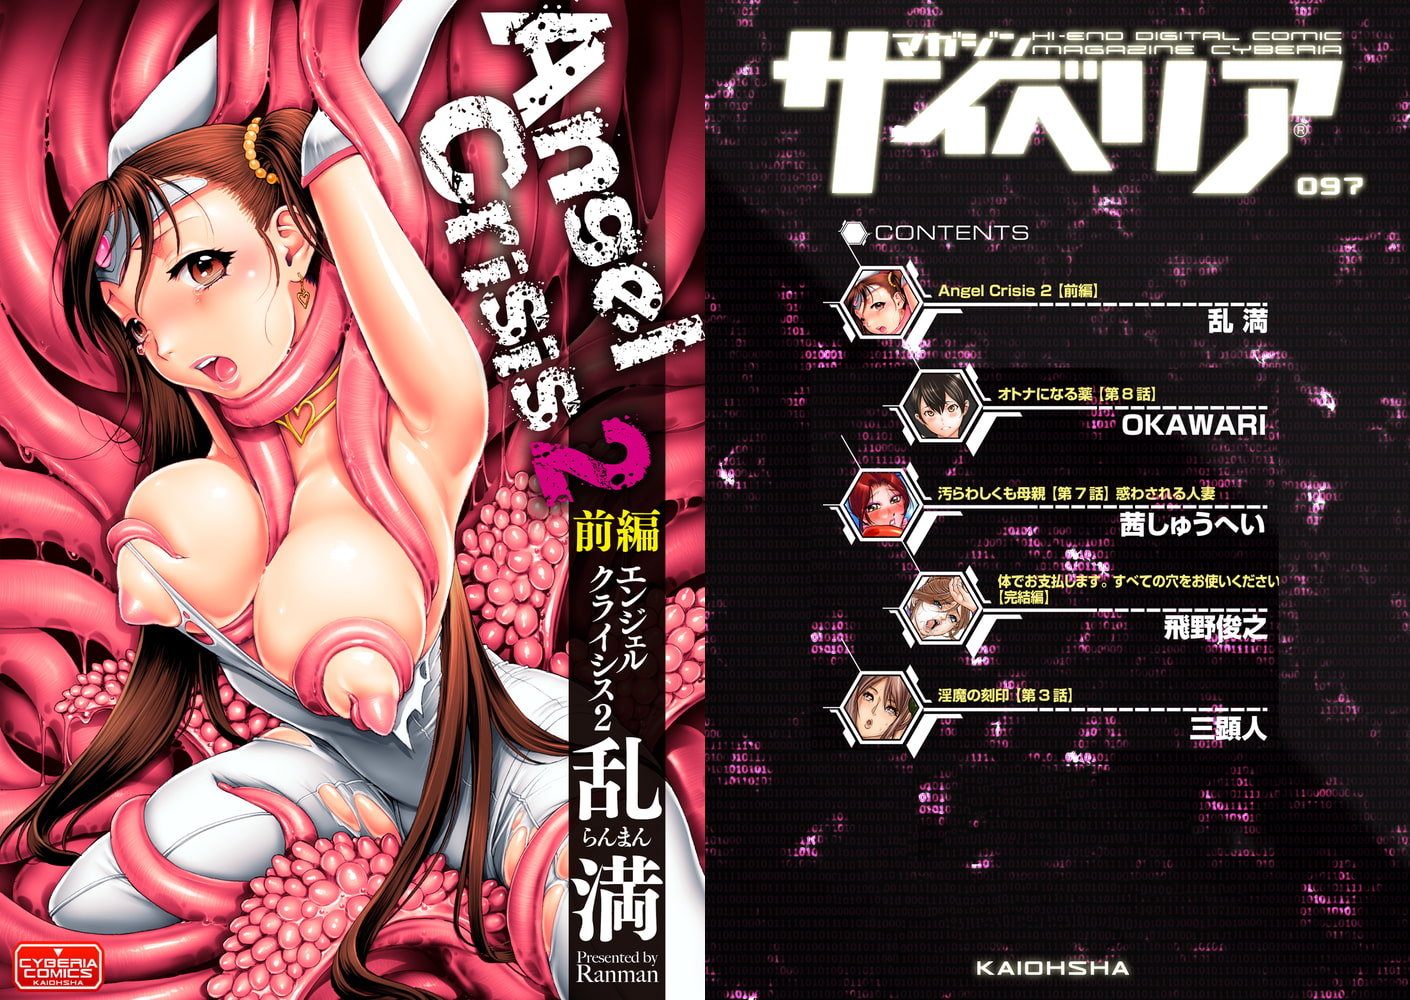 マガジンサイベリア Vol.097